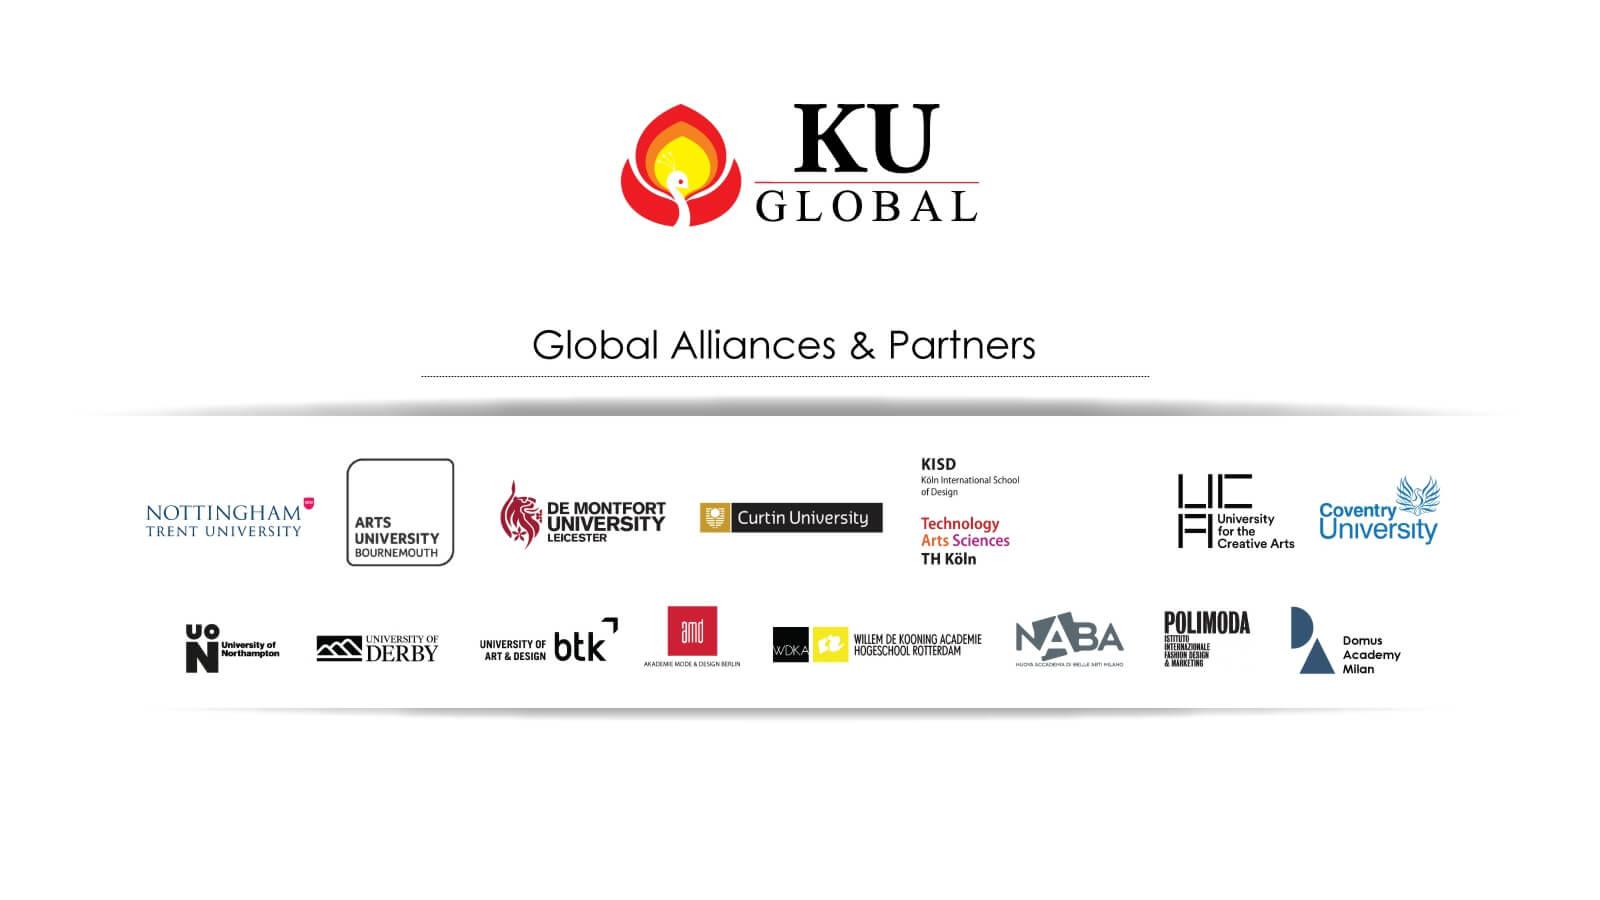 Ku Global